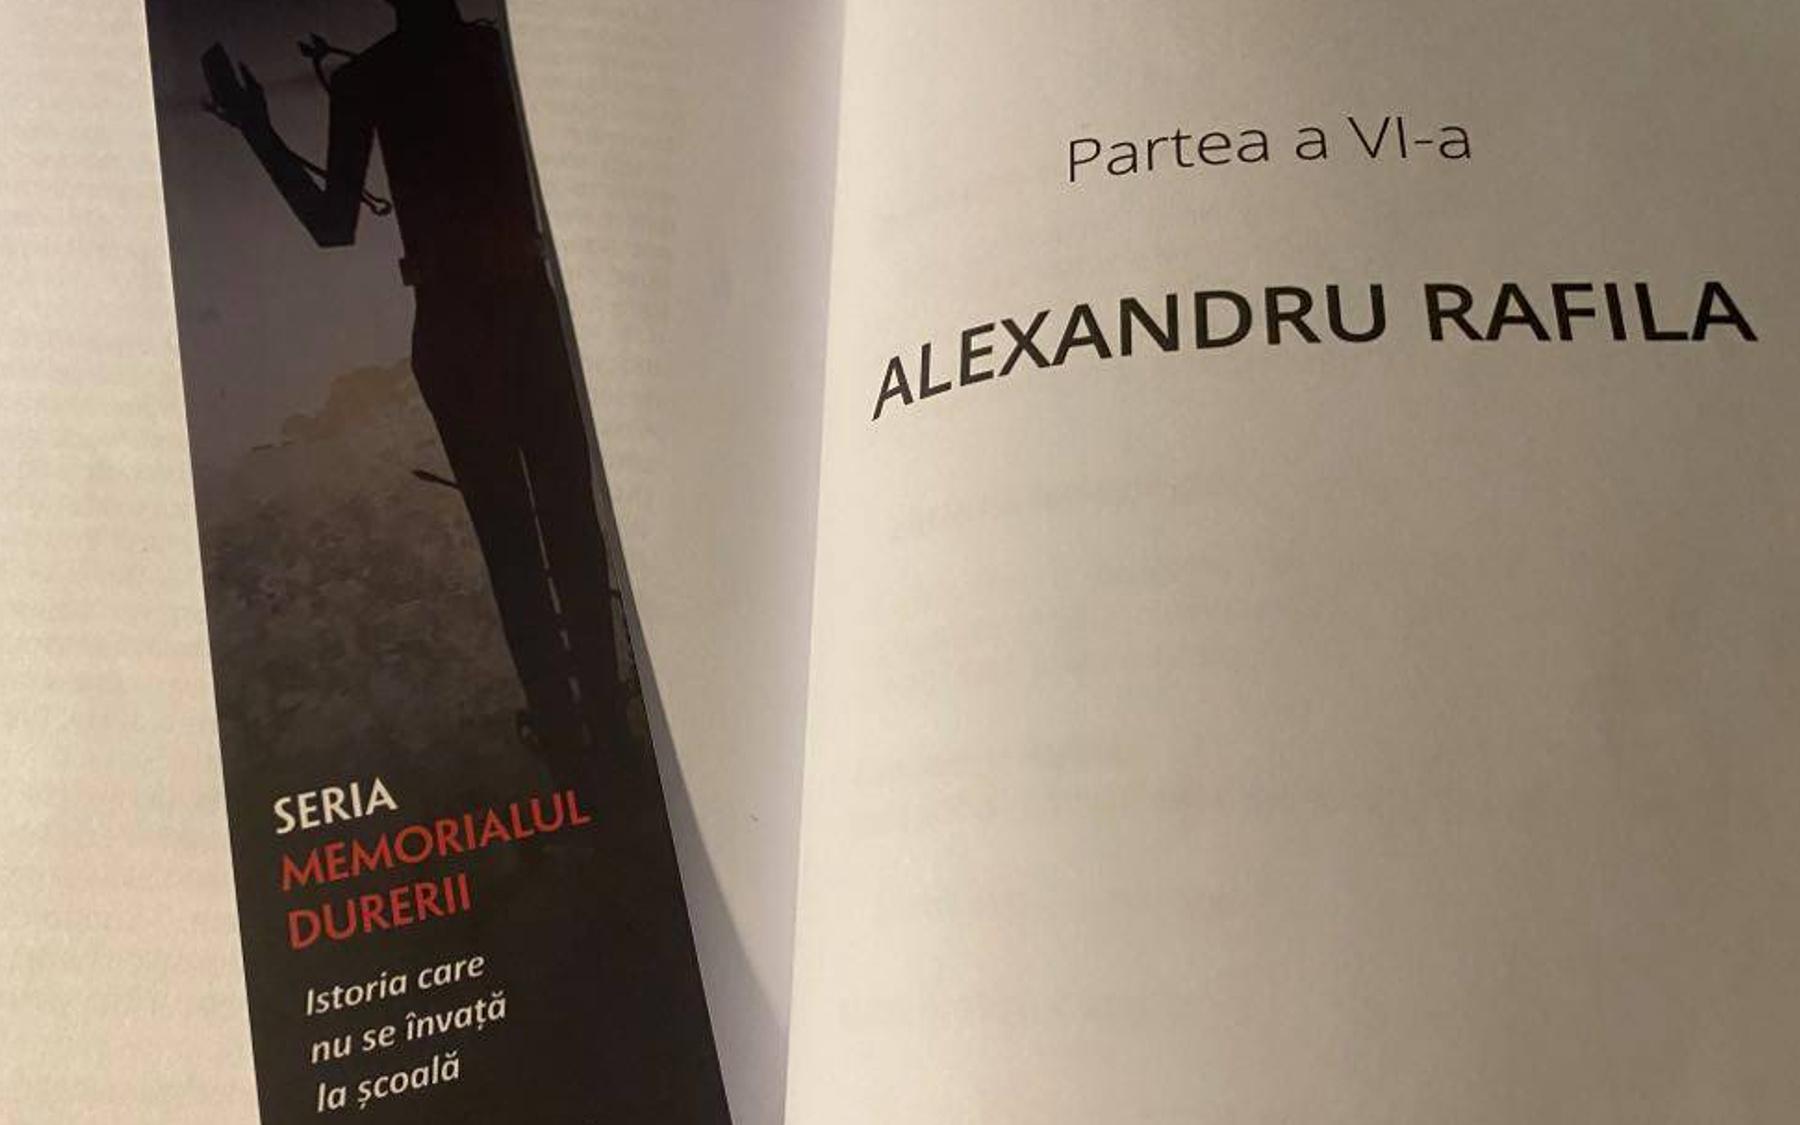 Alexandru Rafila Memorialul Durerii Lucia Hossu Longin Hyperliteratura